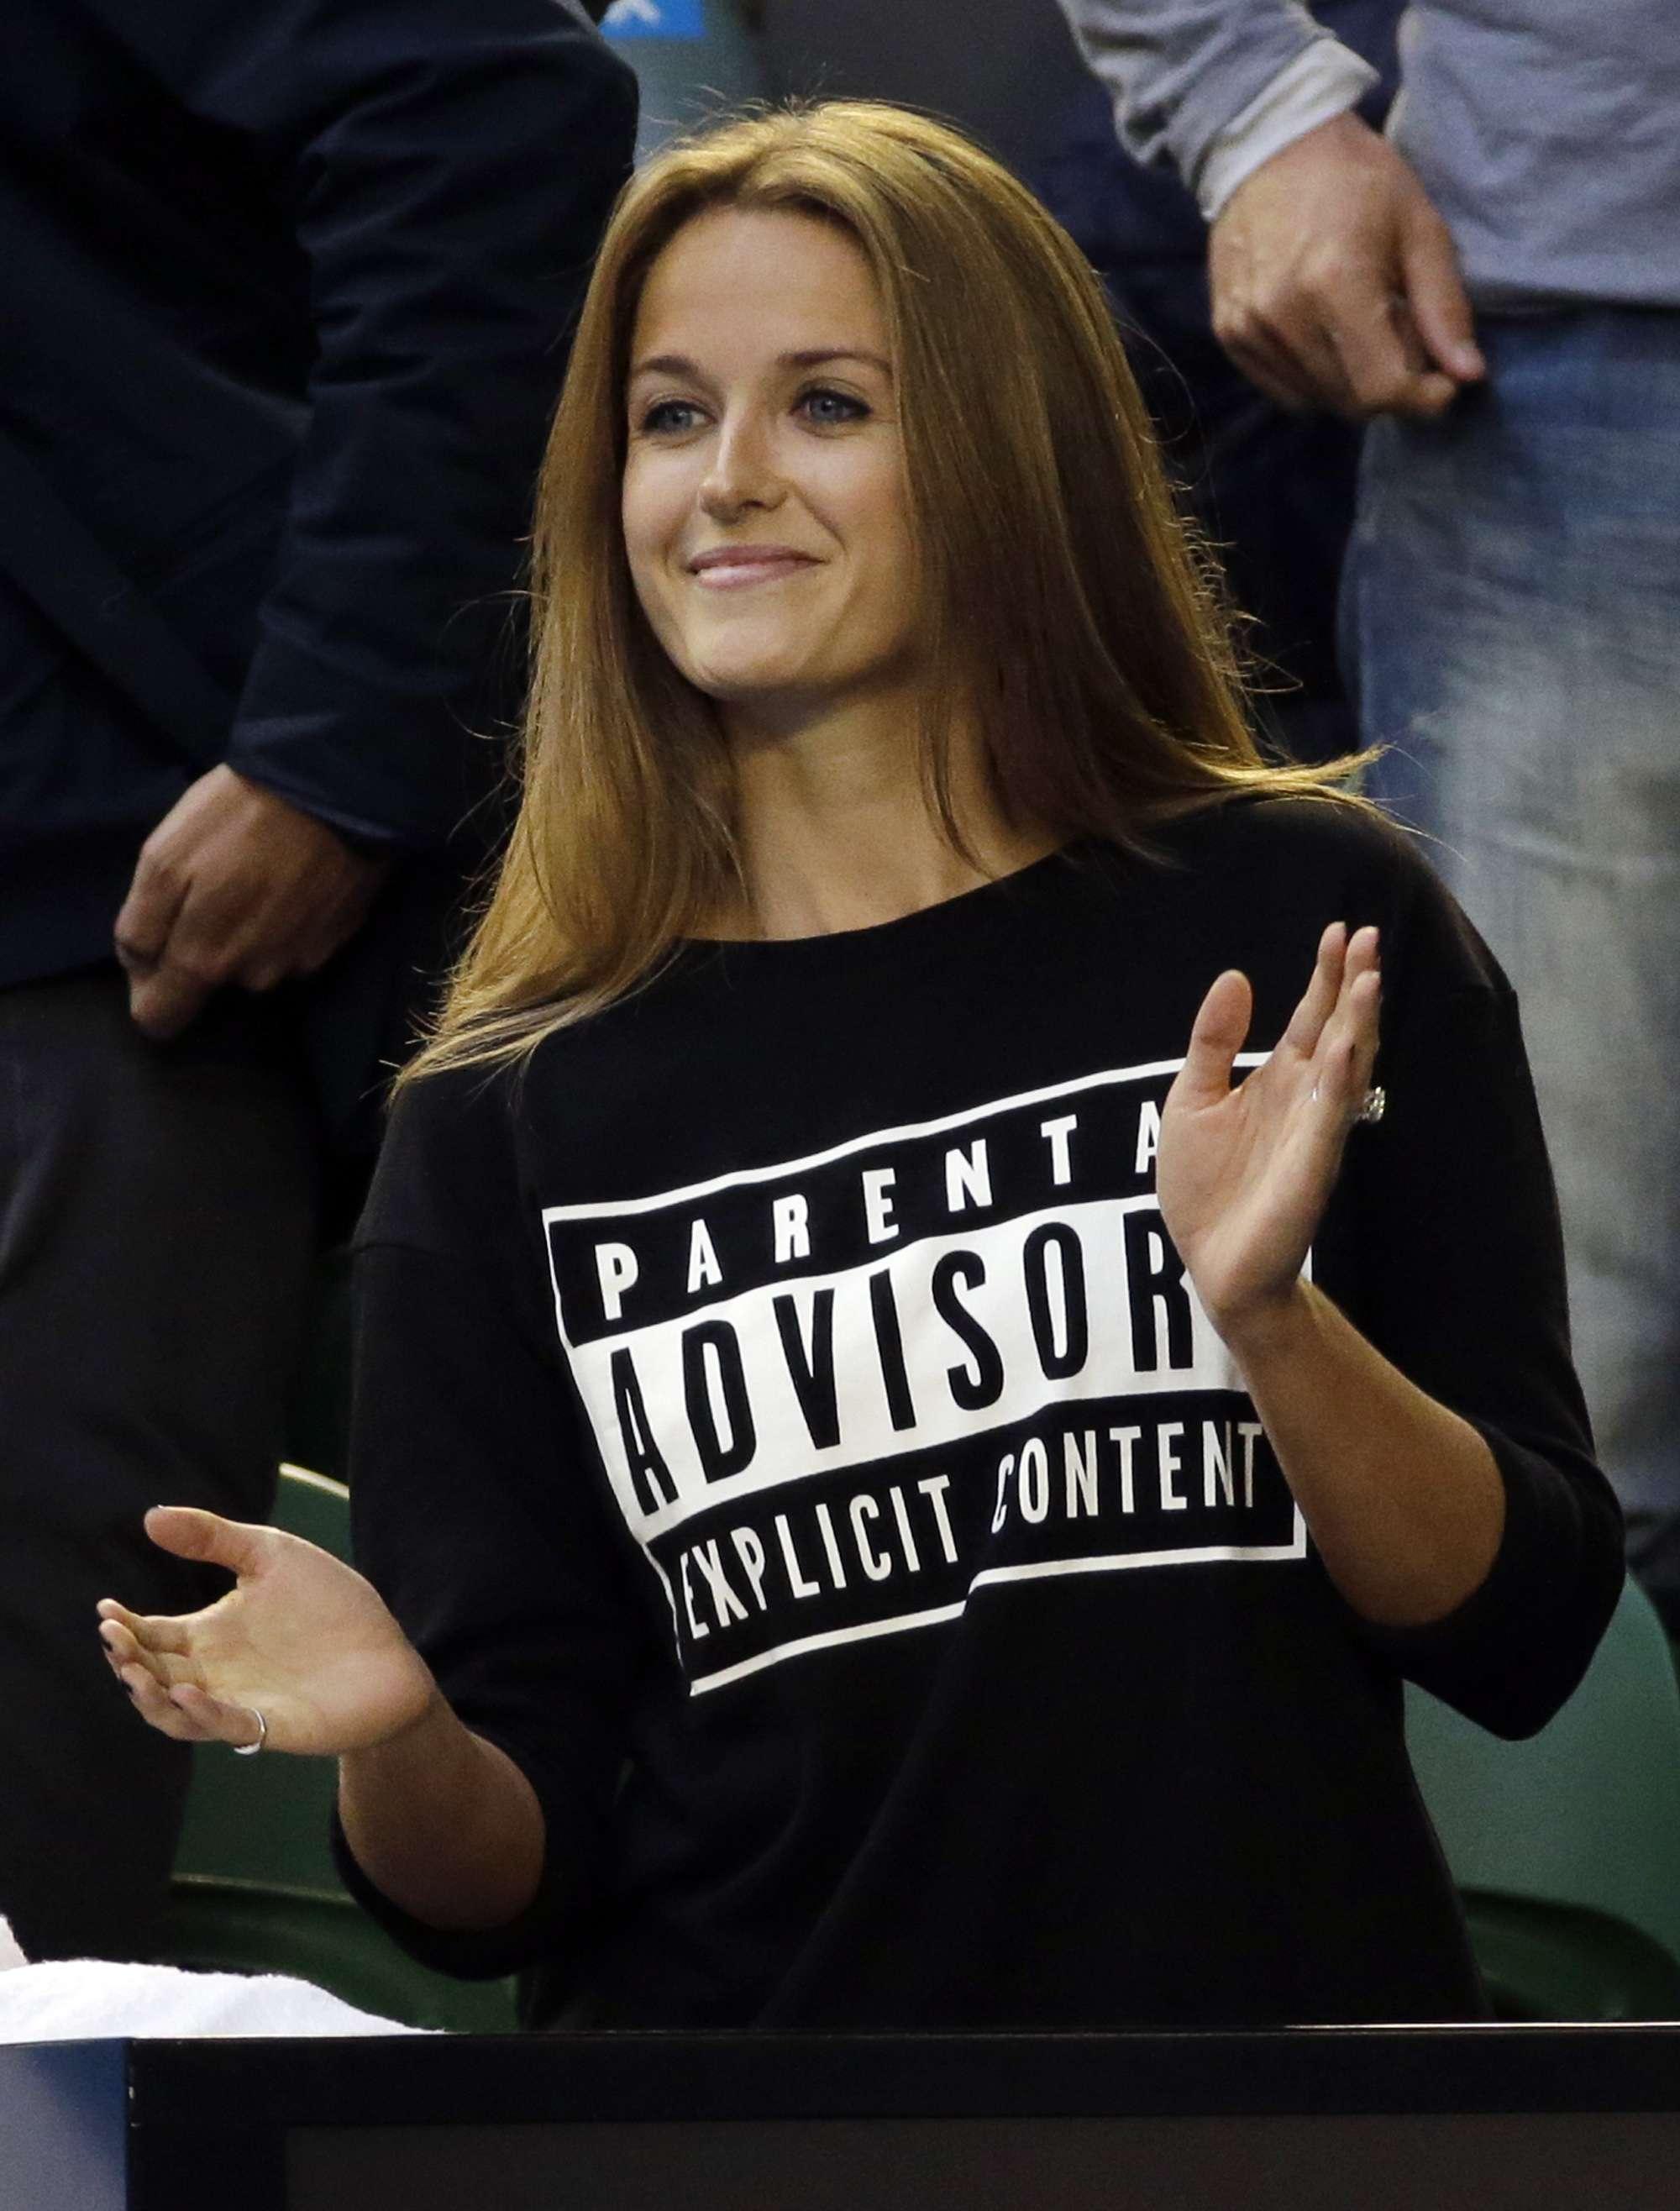 Kim Sears, novia de Andy Murray, advirtió con una leyenda colocada en su sudadera que podría soltar más insultos contra el contrincante de su pareja Foto: AP